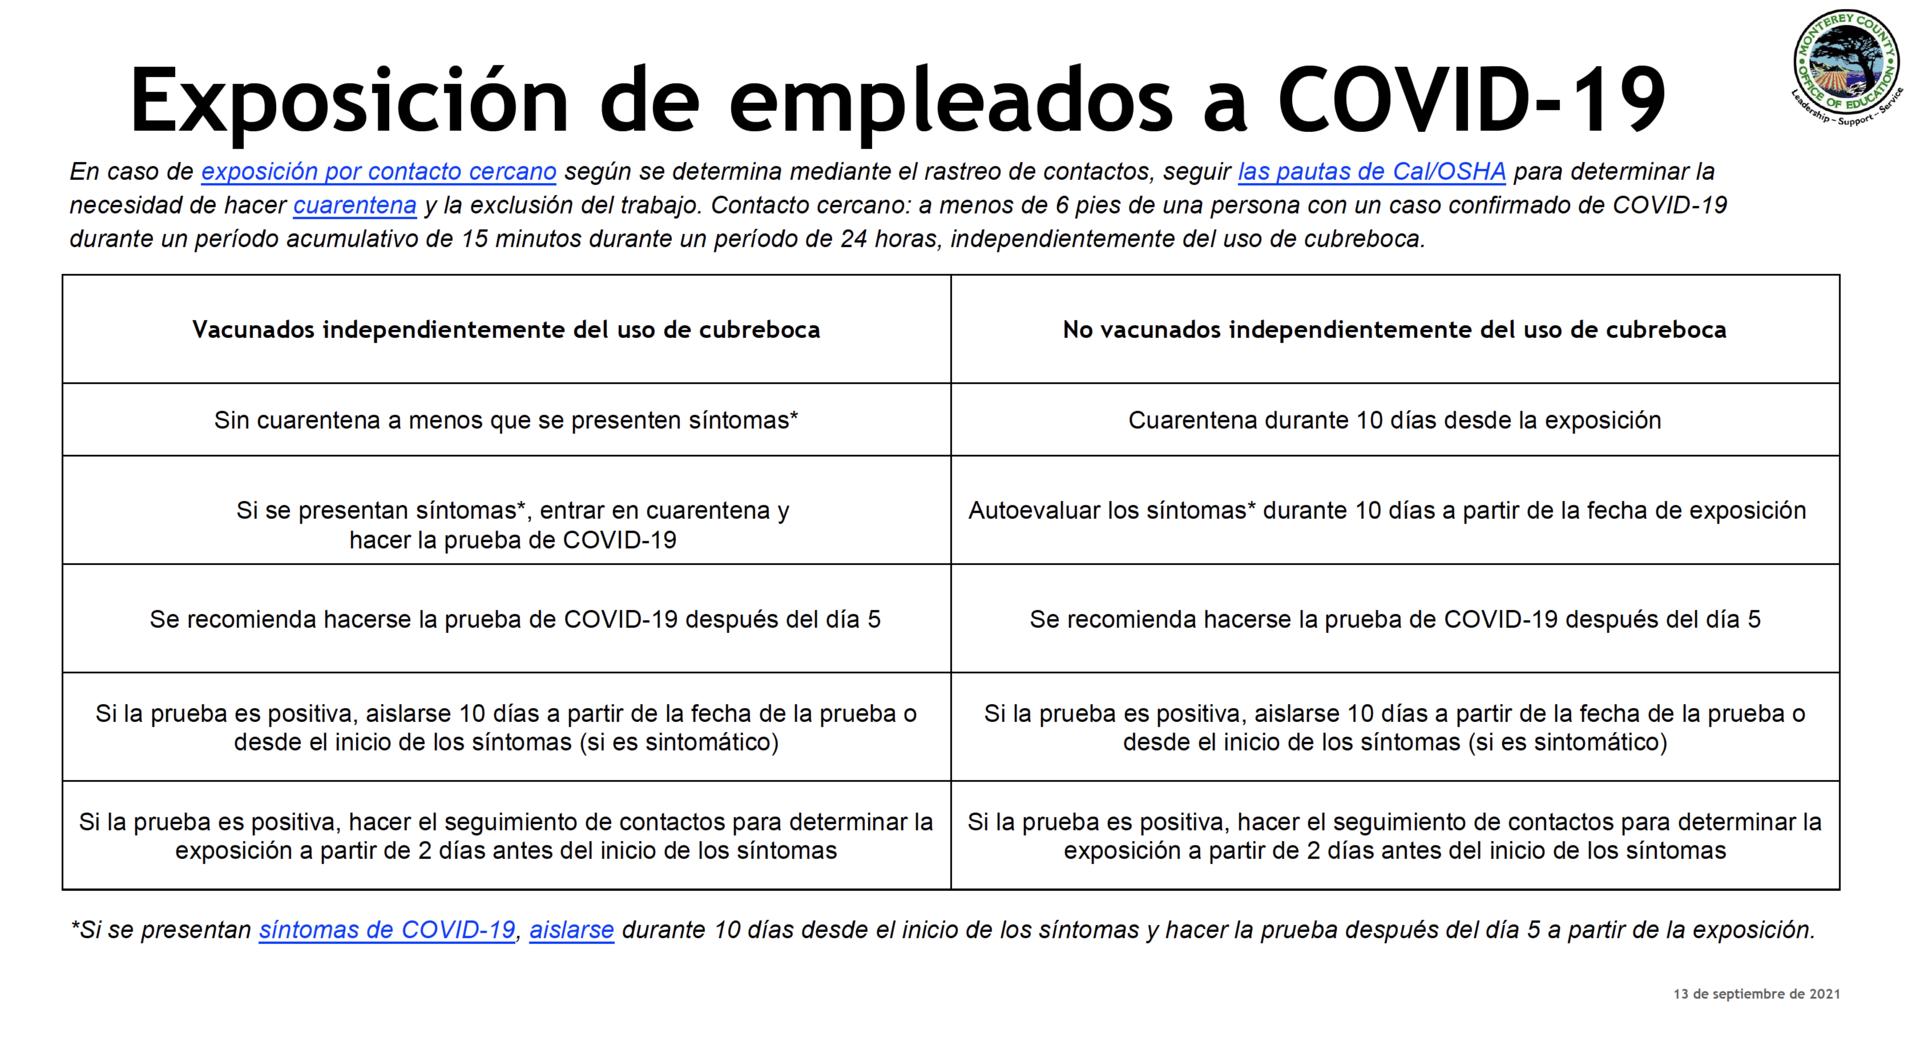 Spanish Employee Exposure